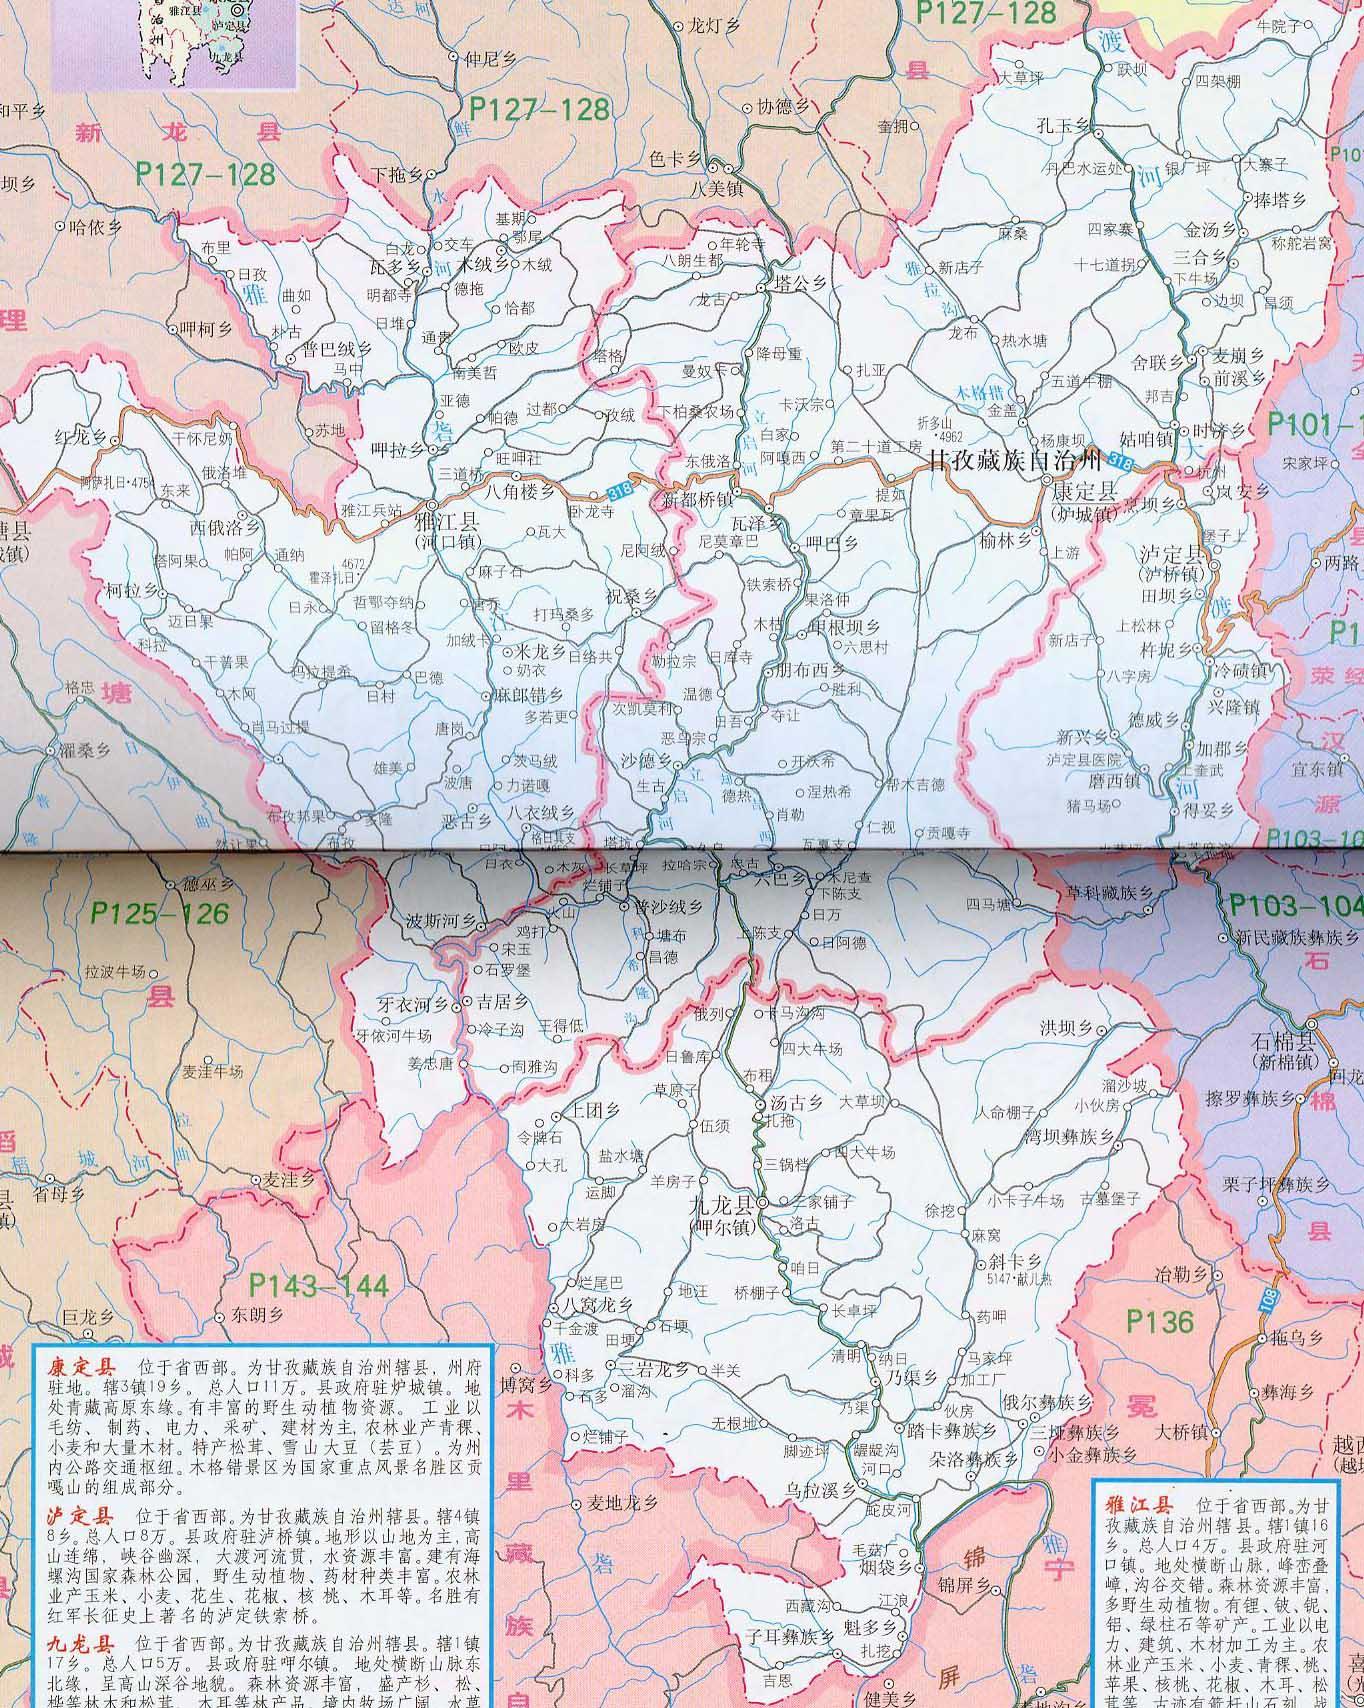 四川甘孜州交通地图-点击下载大图